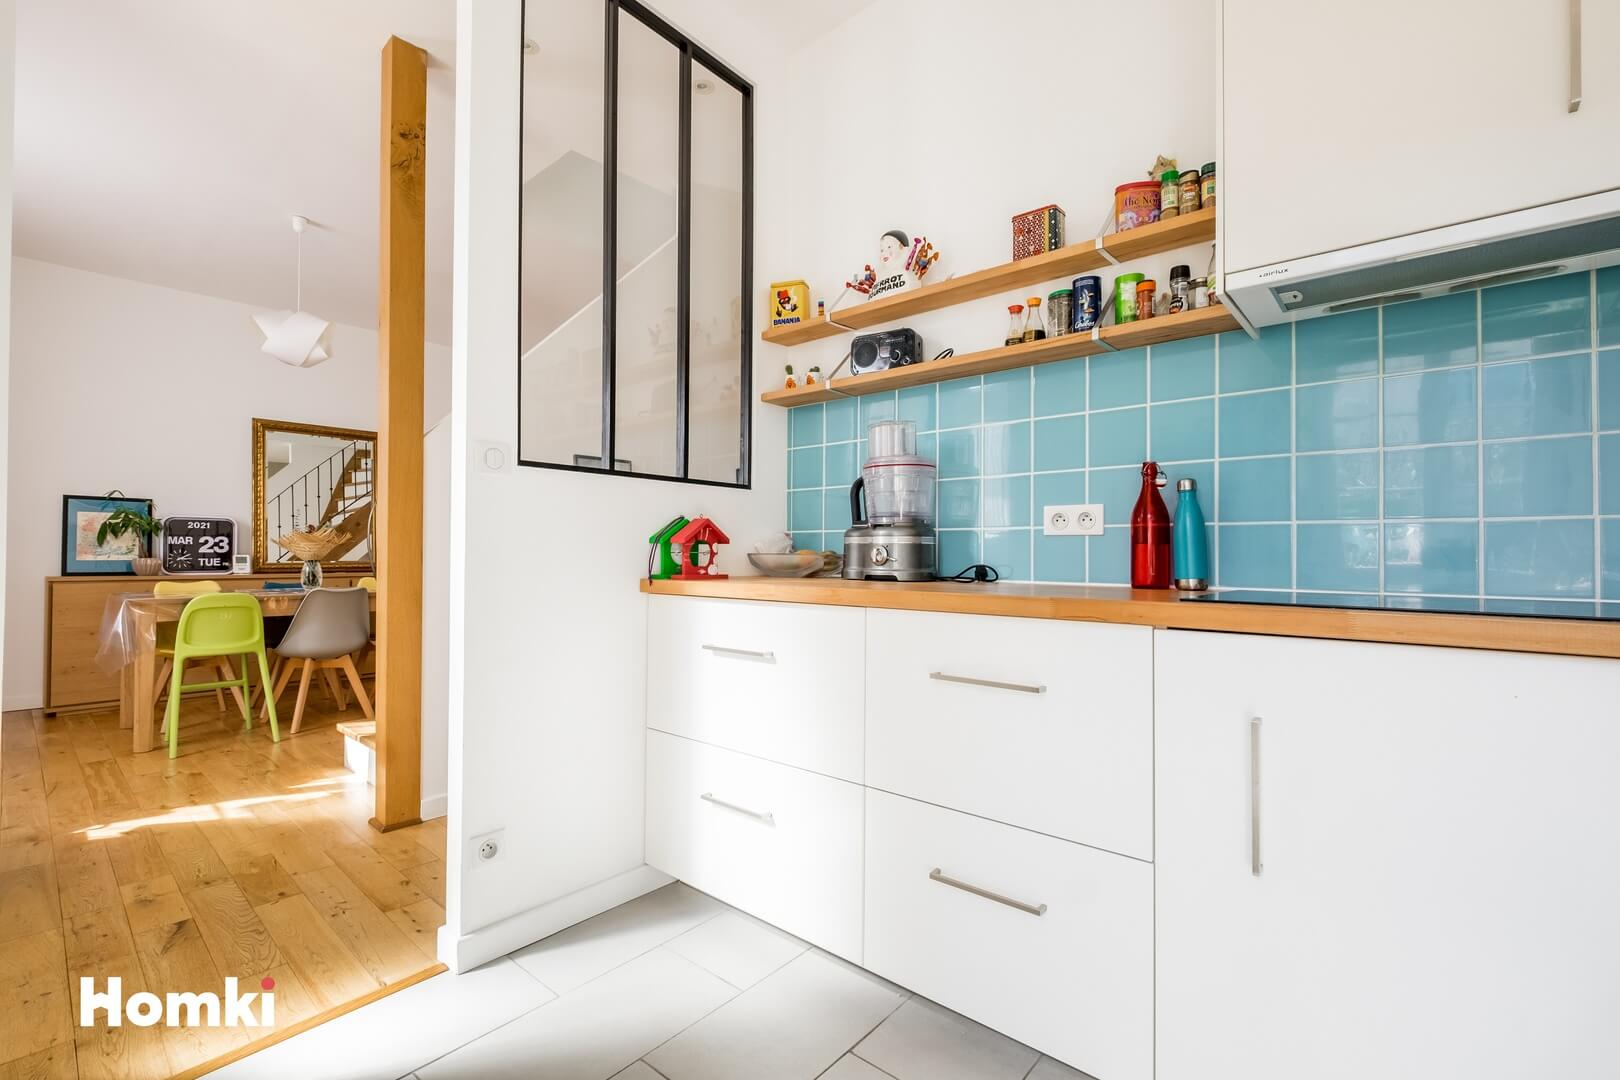 Homki - Vente Maison/villa  de 100.0 m² à Toulouse 31500